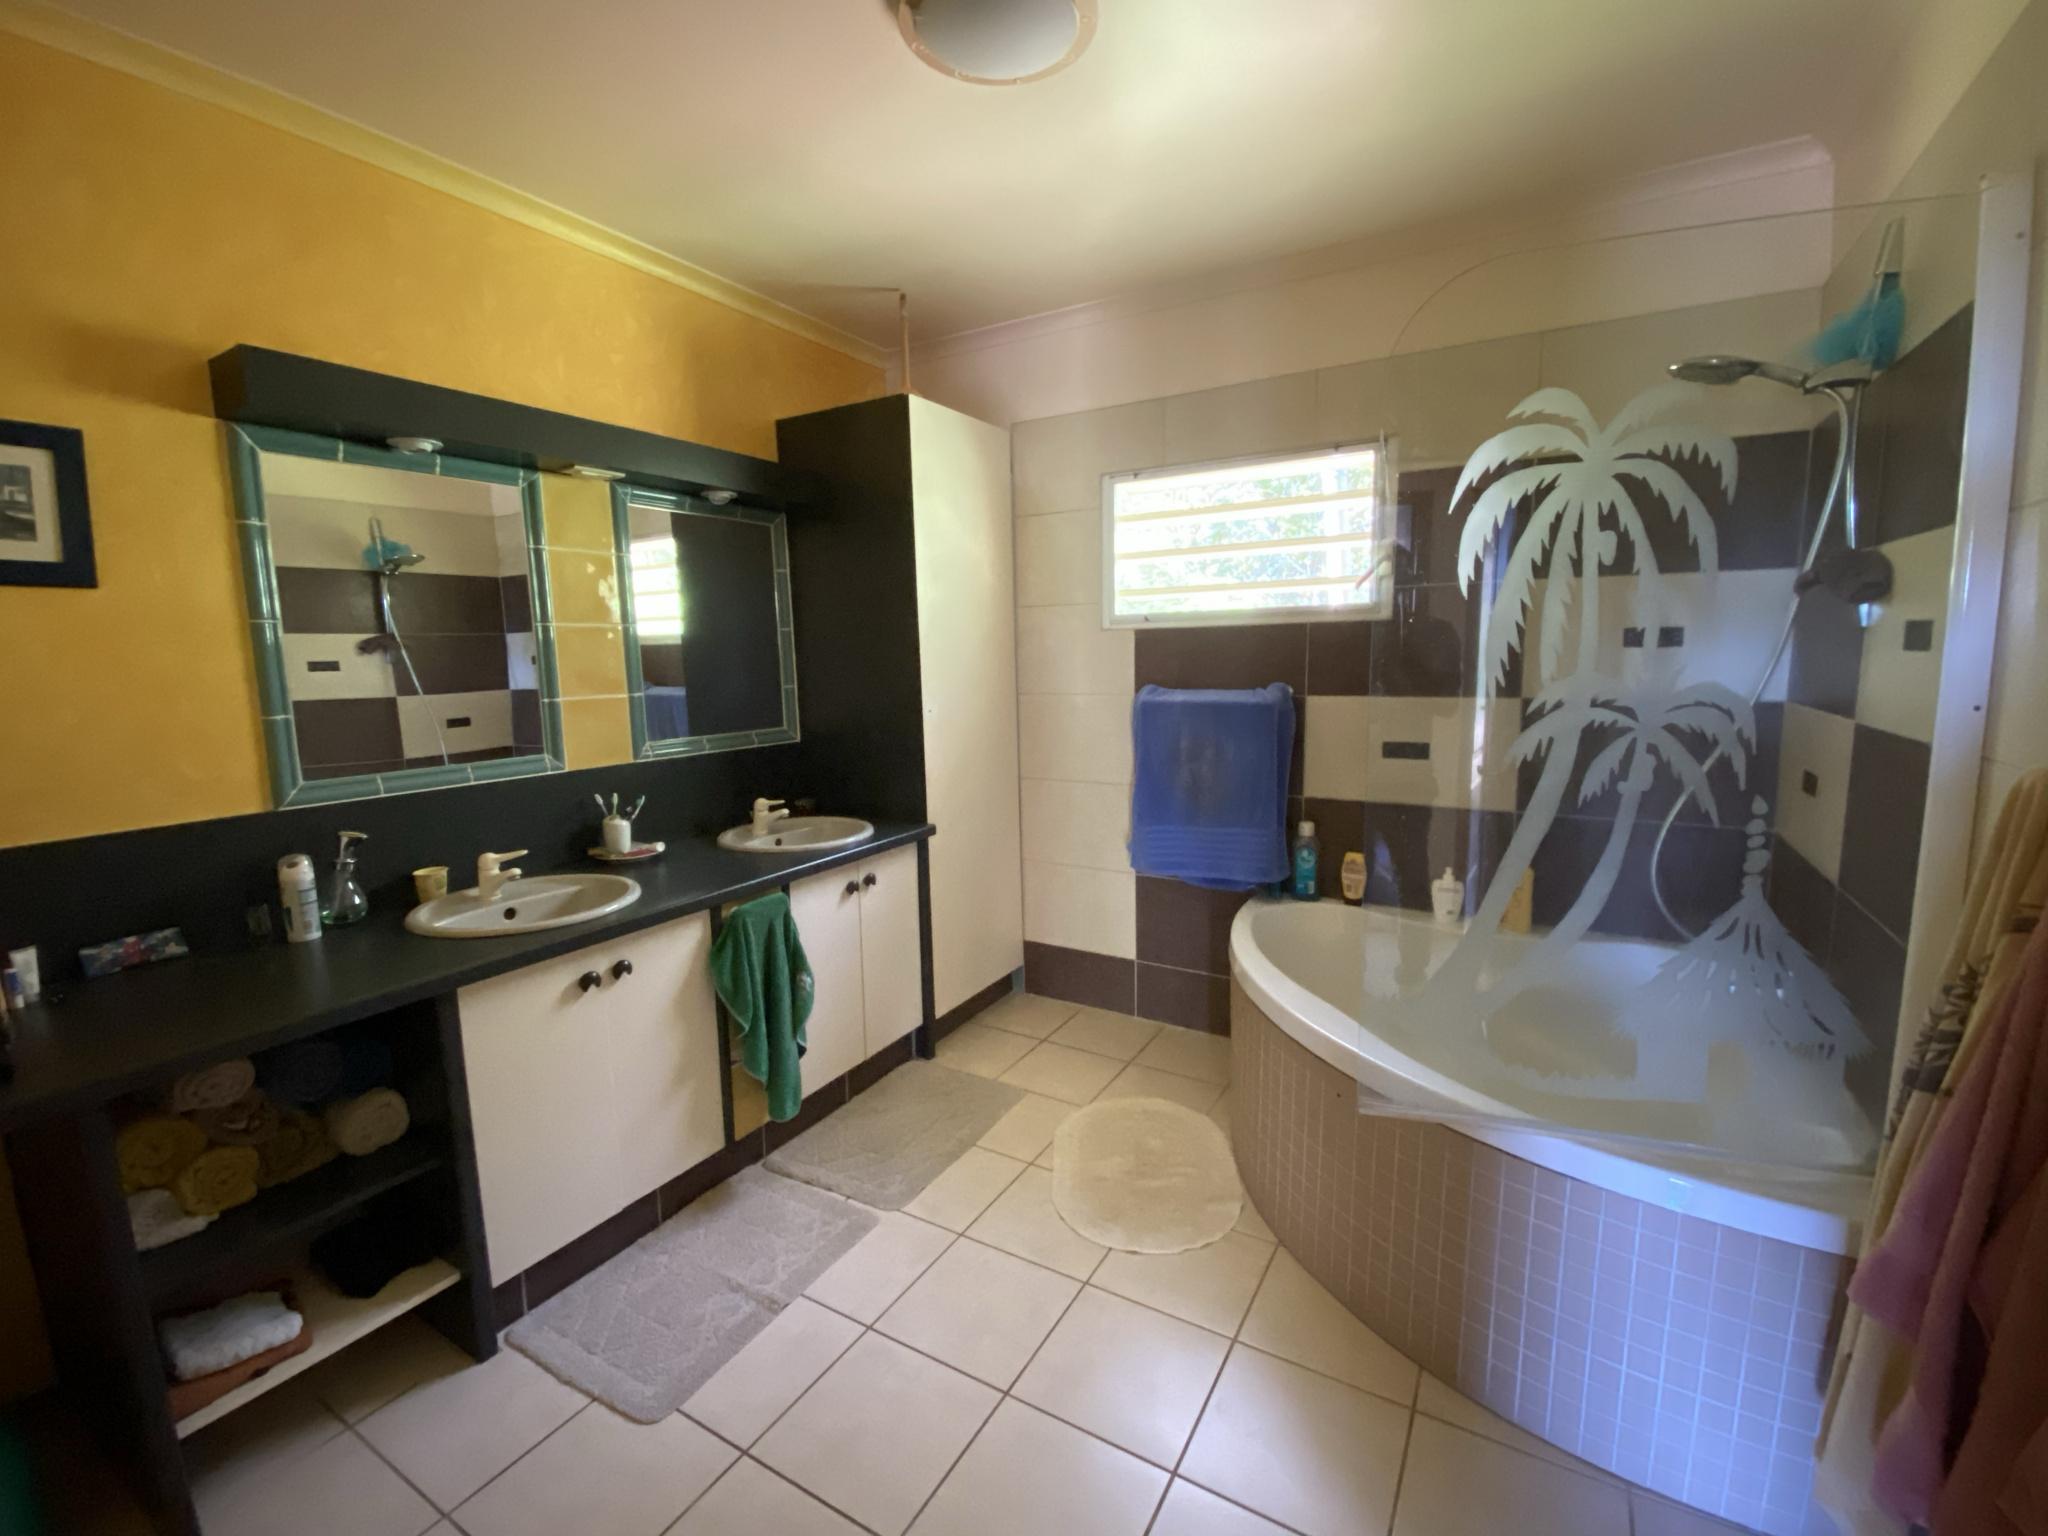 Grande salle de bain avec baignoire en coin